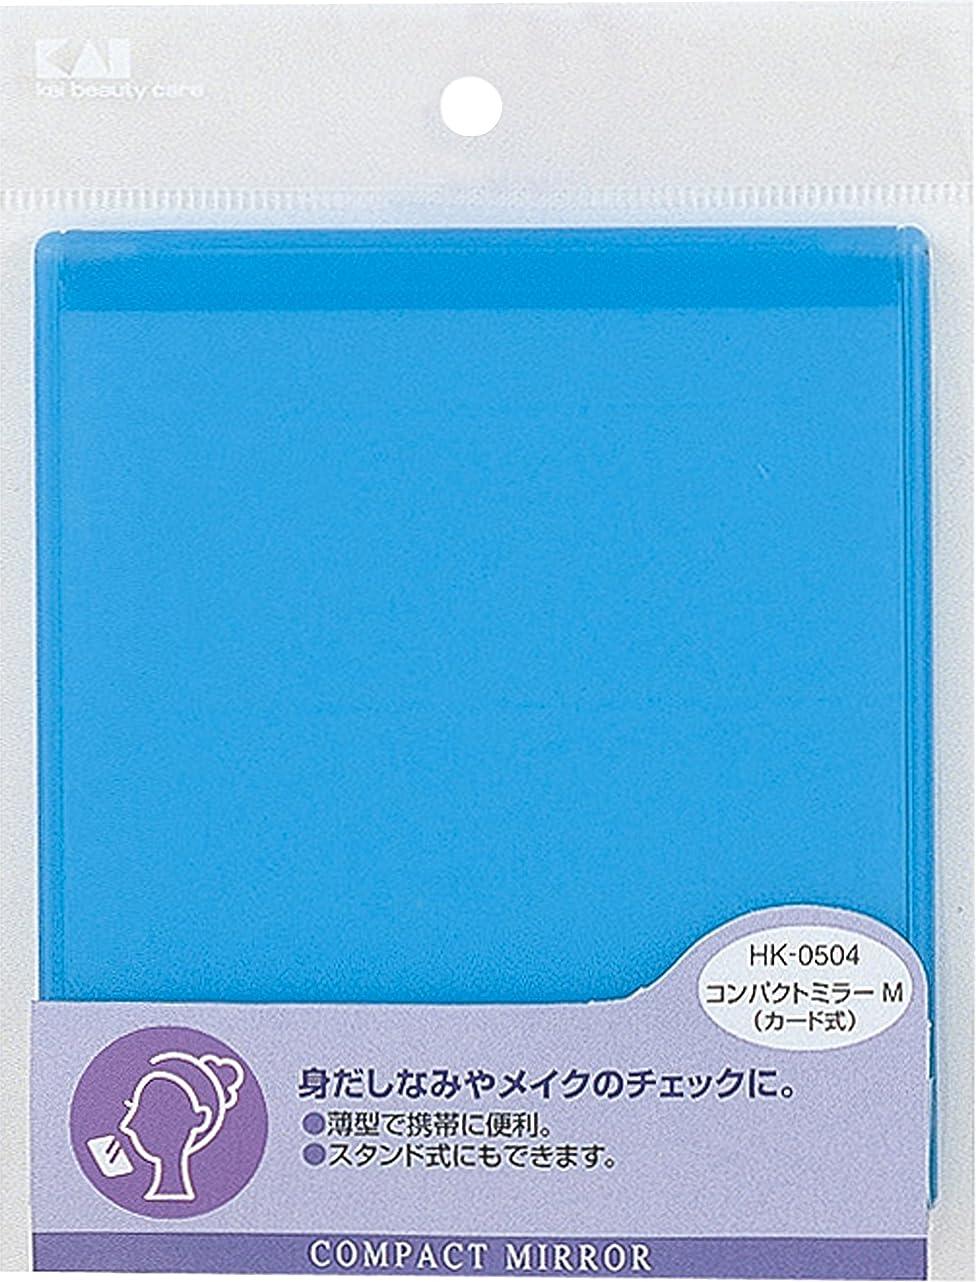 実用的師匠後悔貝印 Beセレクション コンパクトミラー カード式 M HK0504